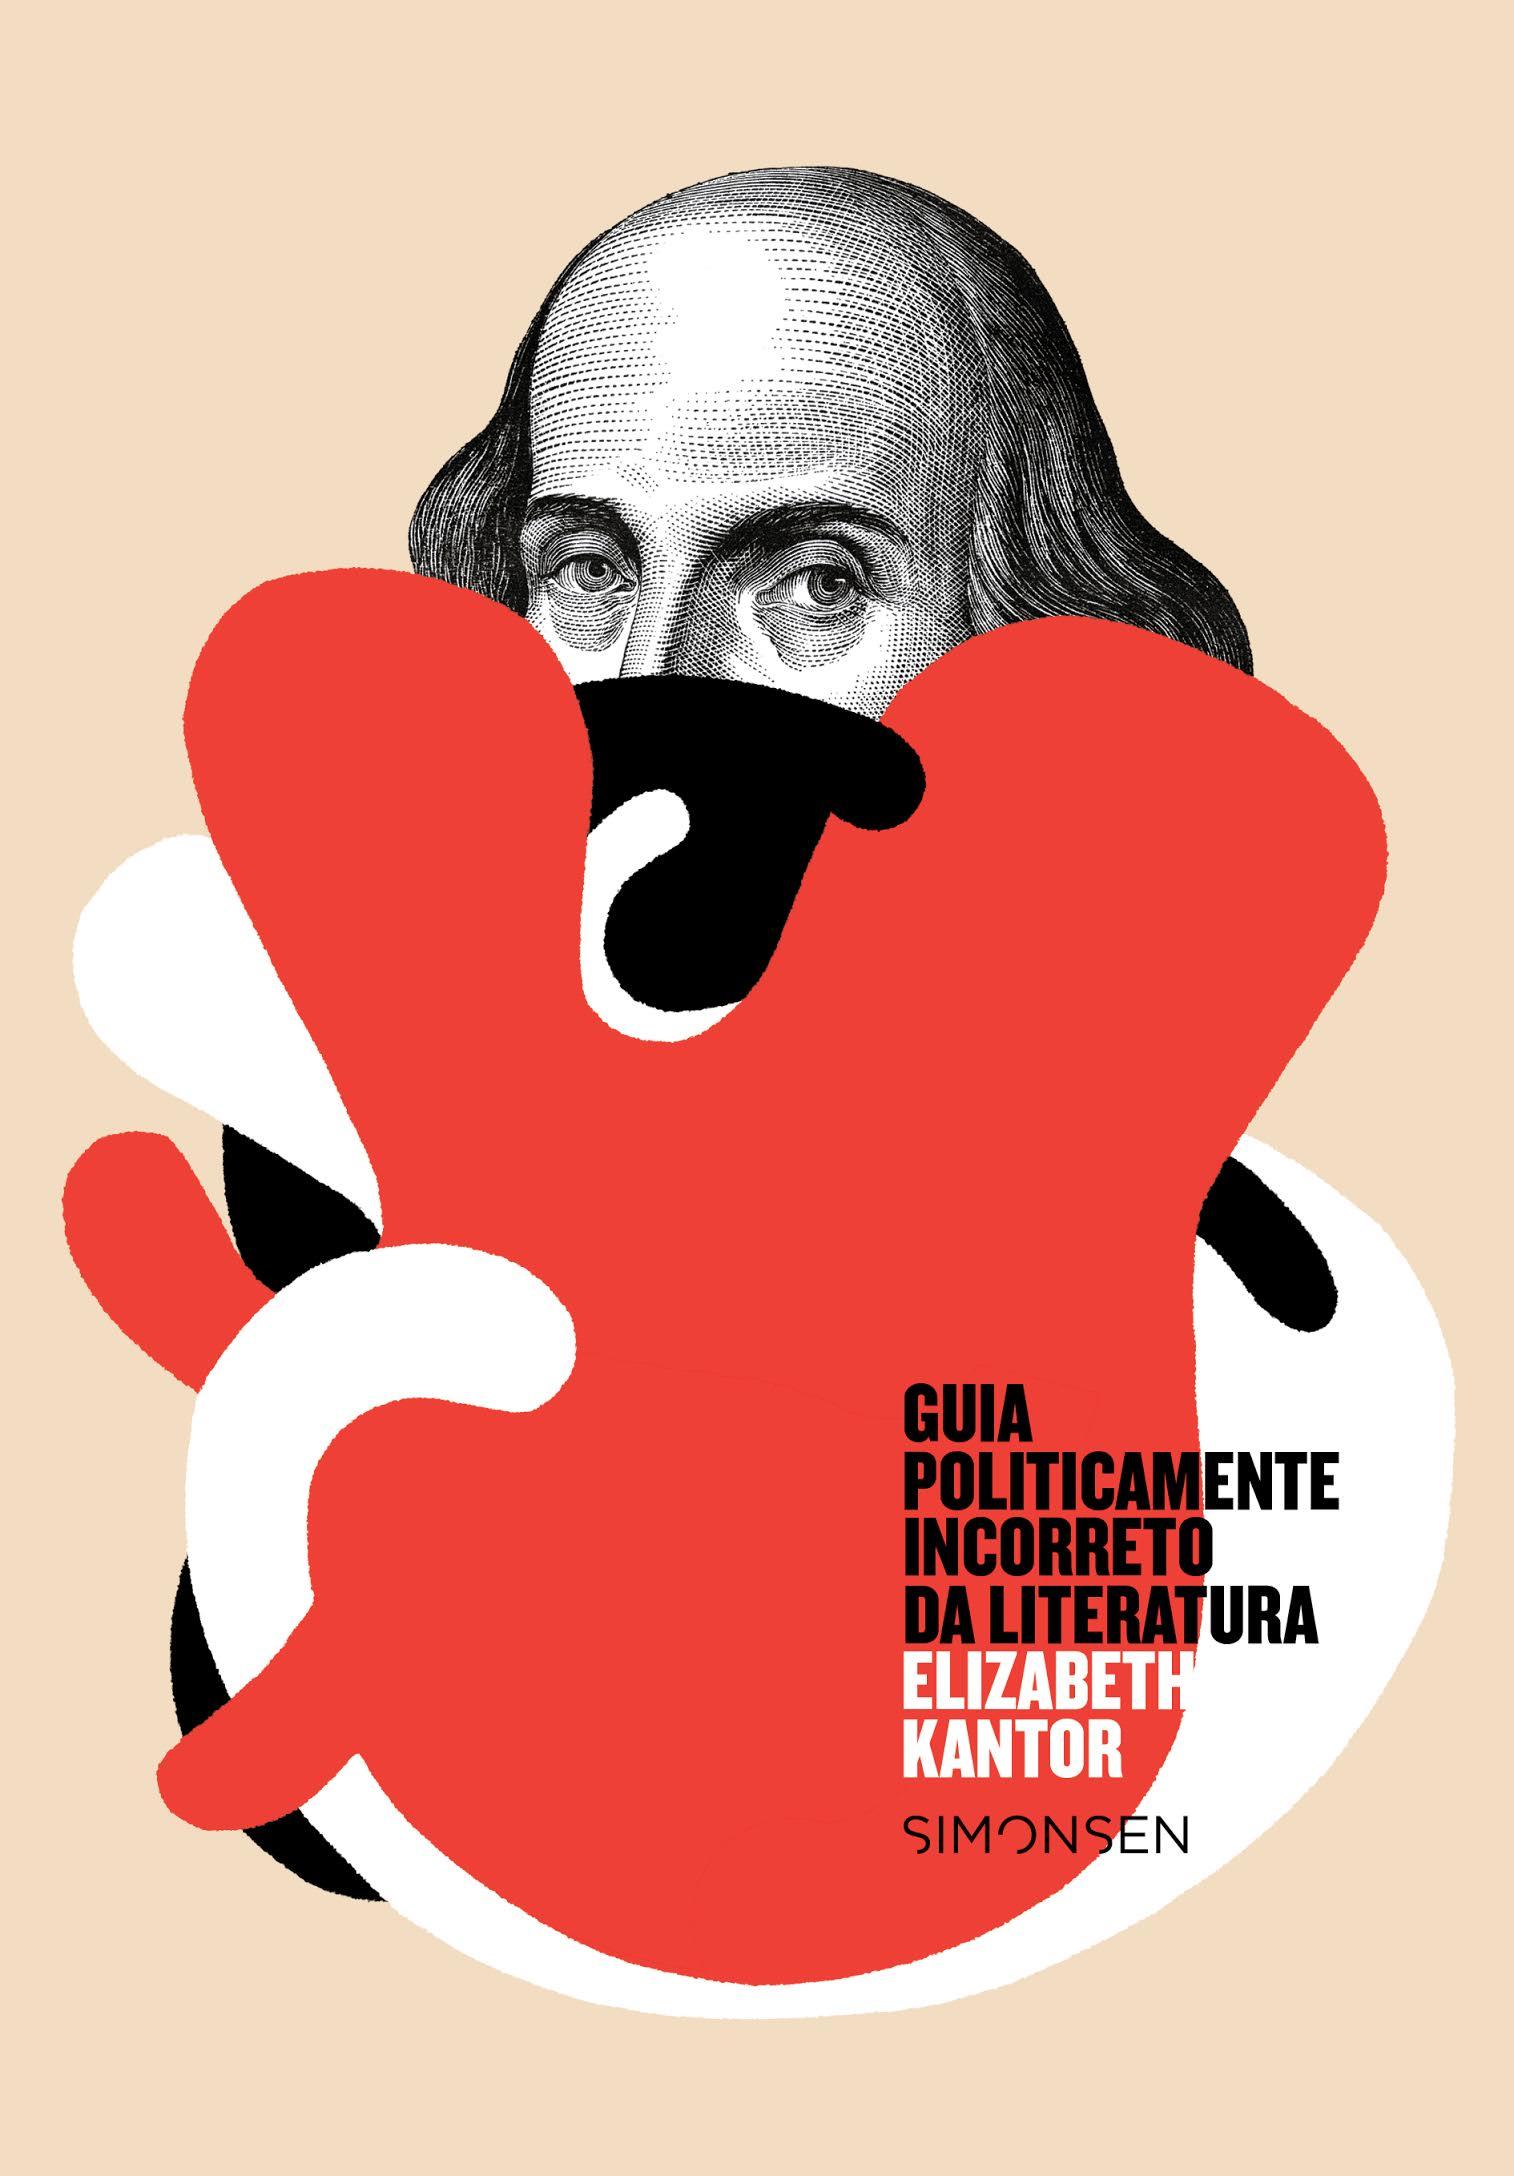 Guia_Politicamente_Incorreto_Literatura_Fausto